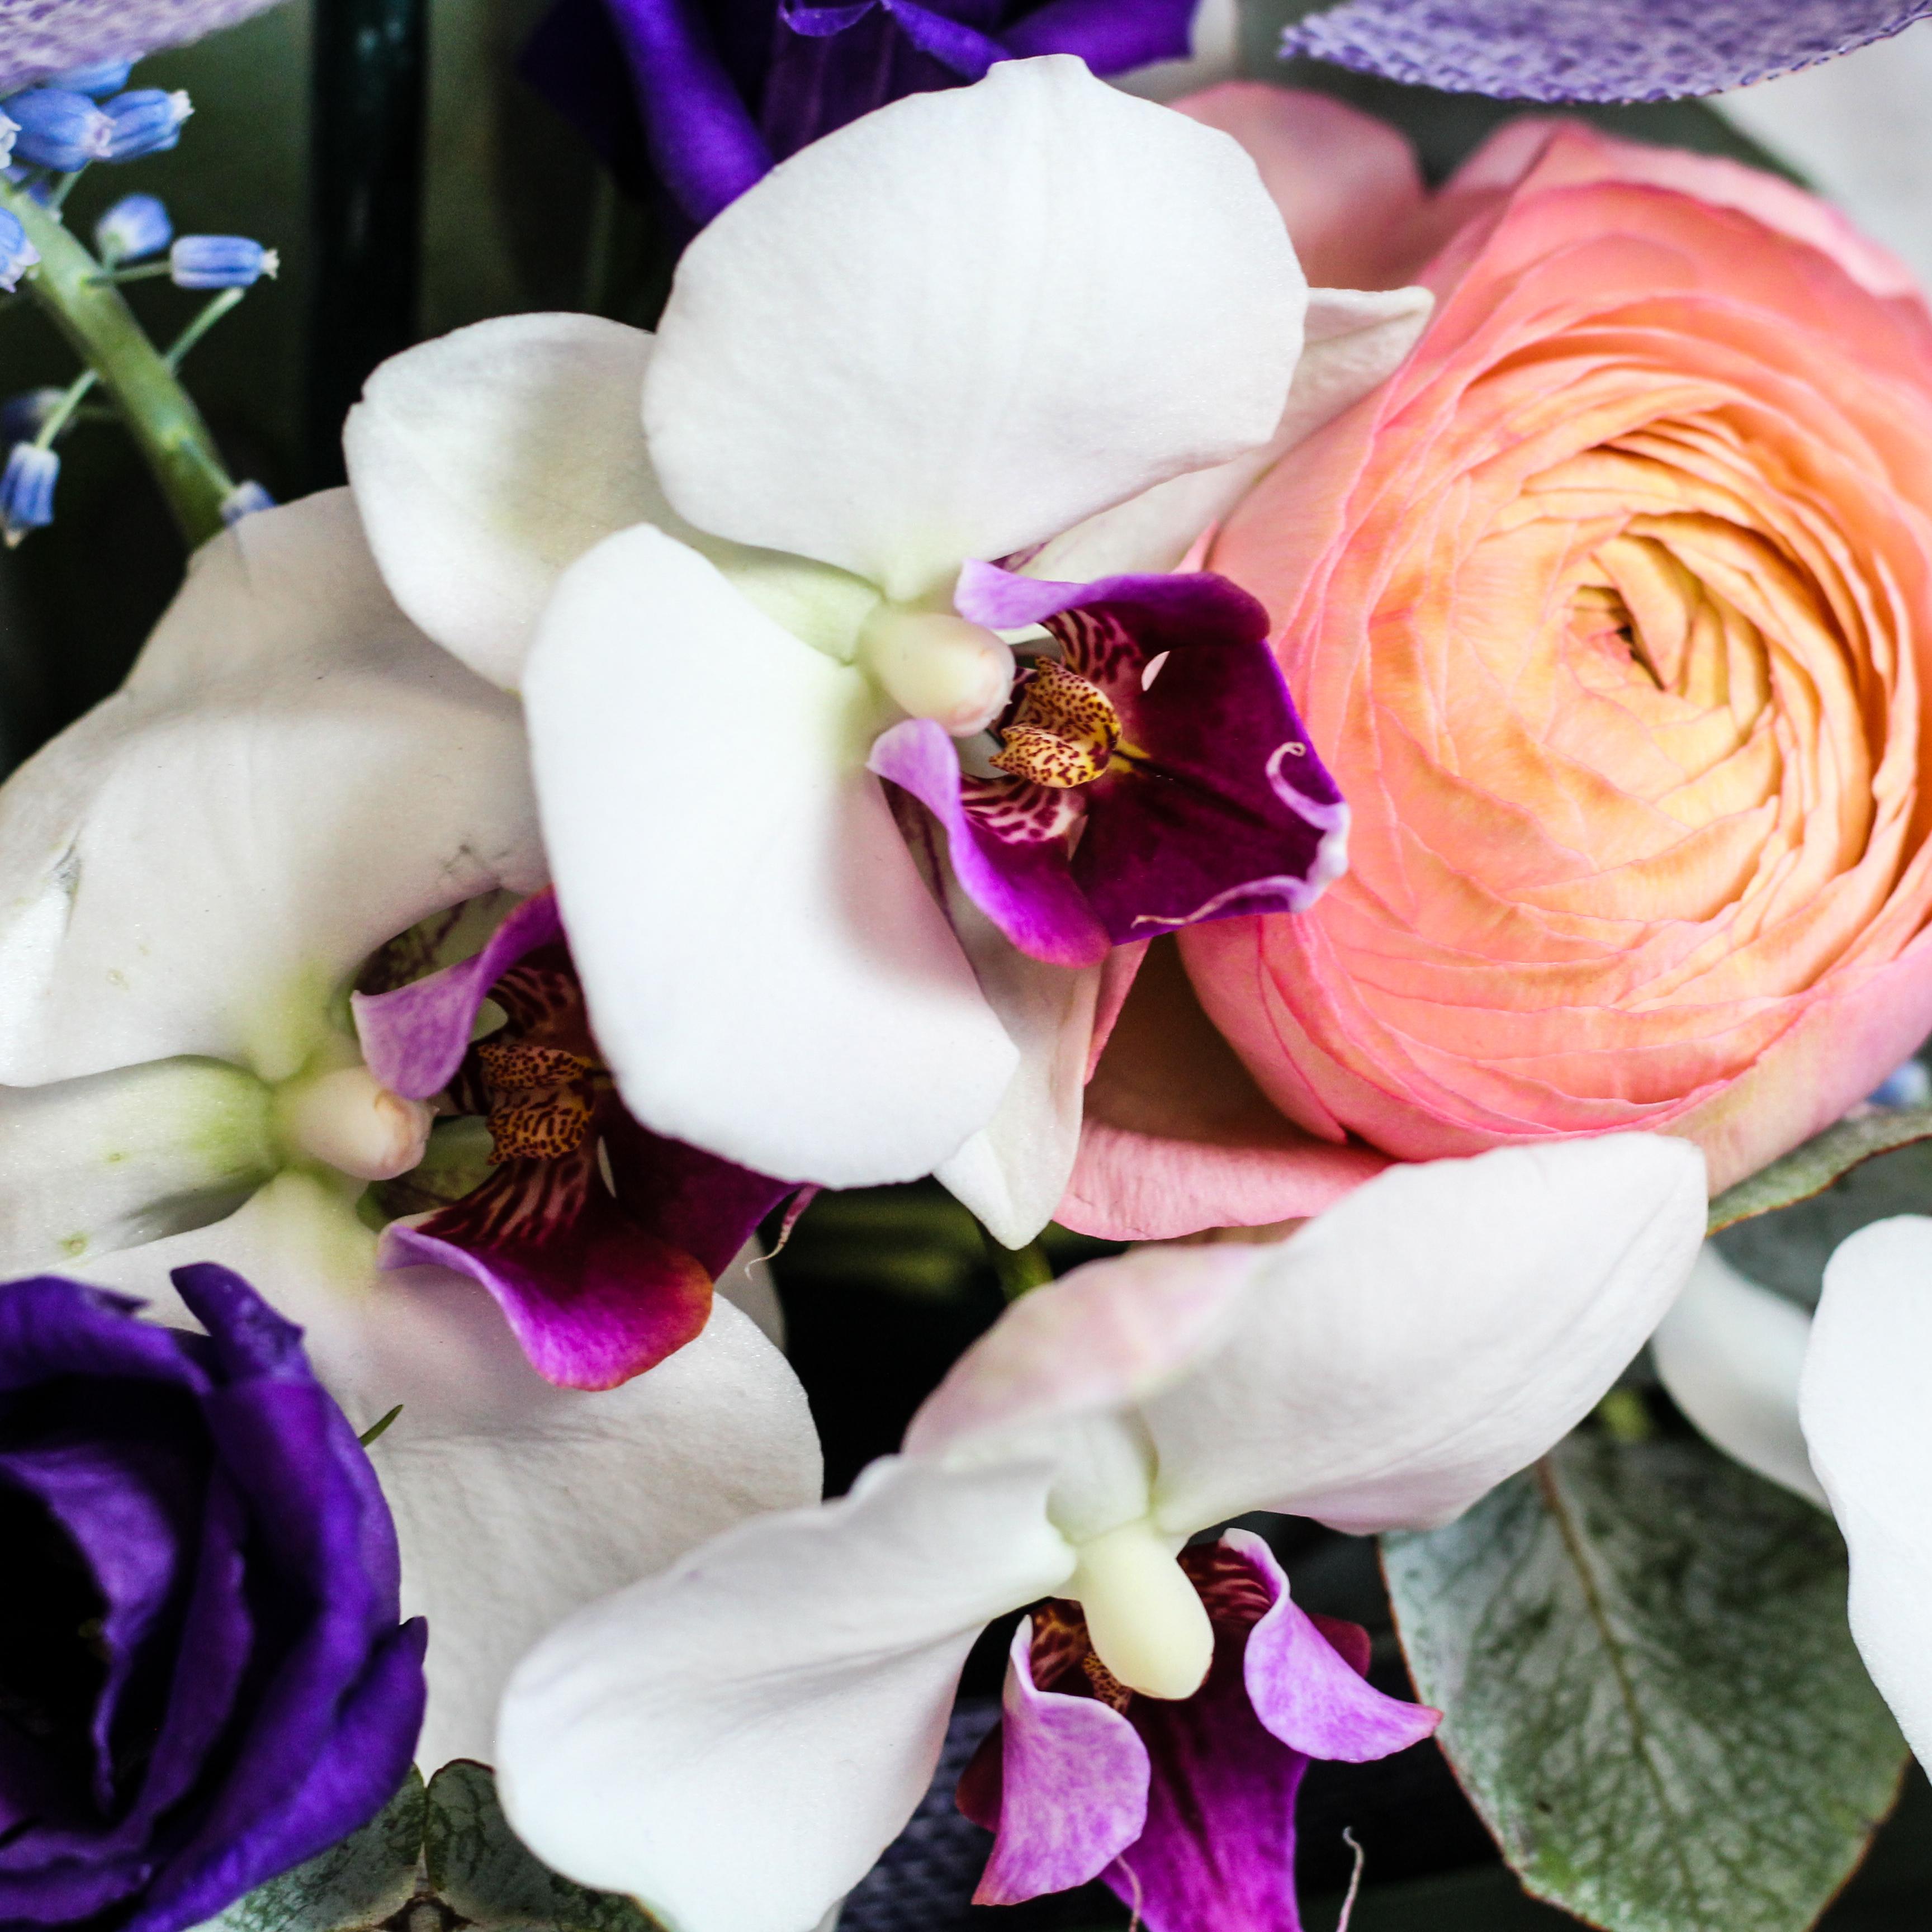 """Композиция """"Корабль"""" с орхидеей, ранункулюсами и эвкалиптом"""